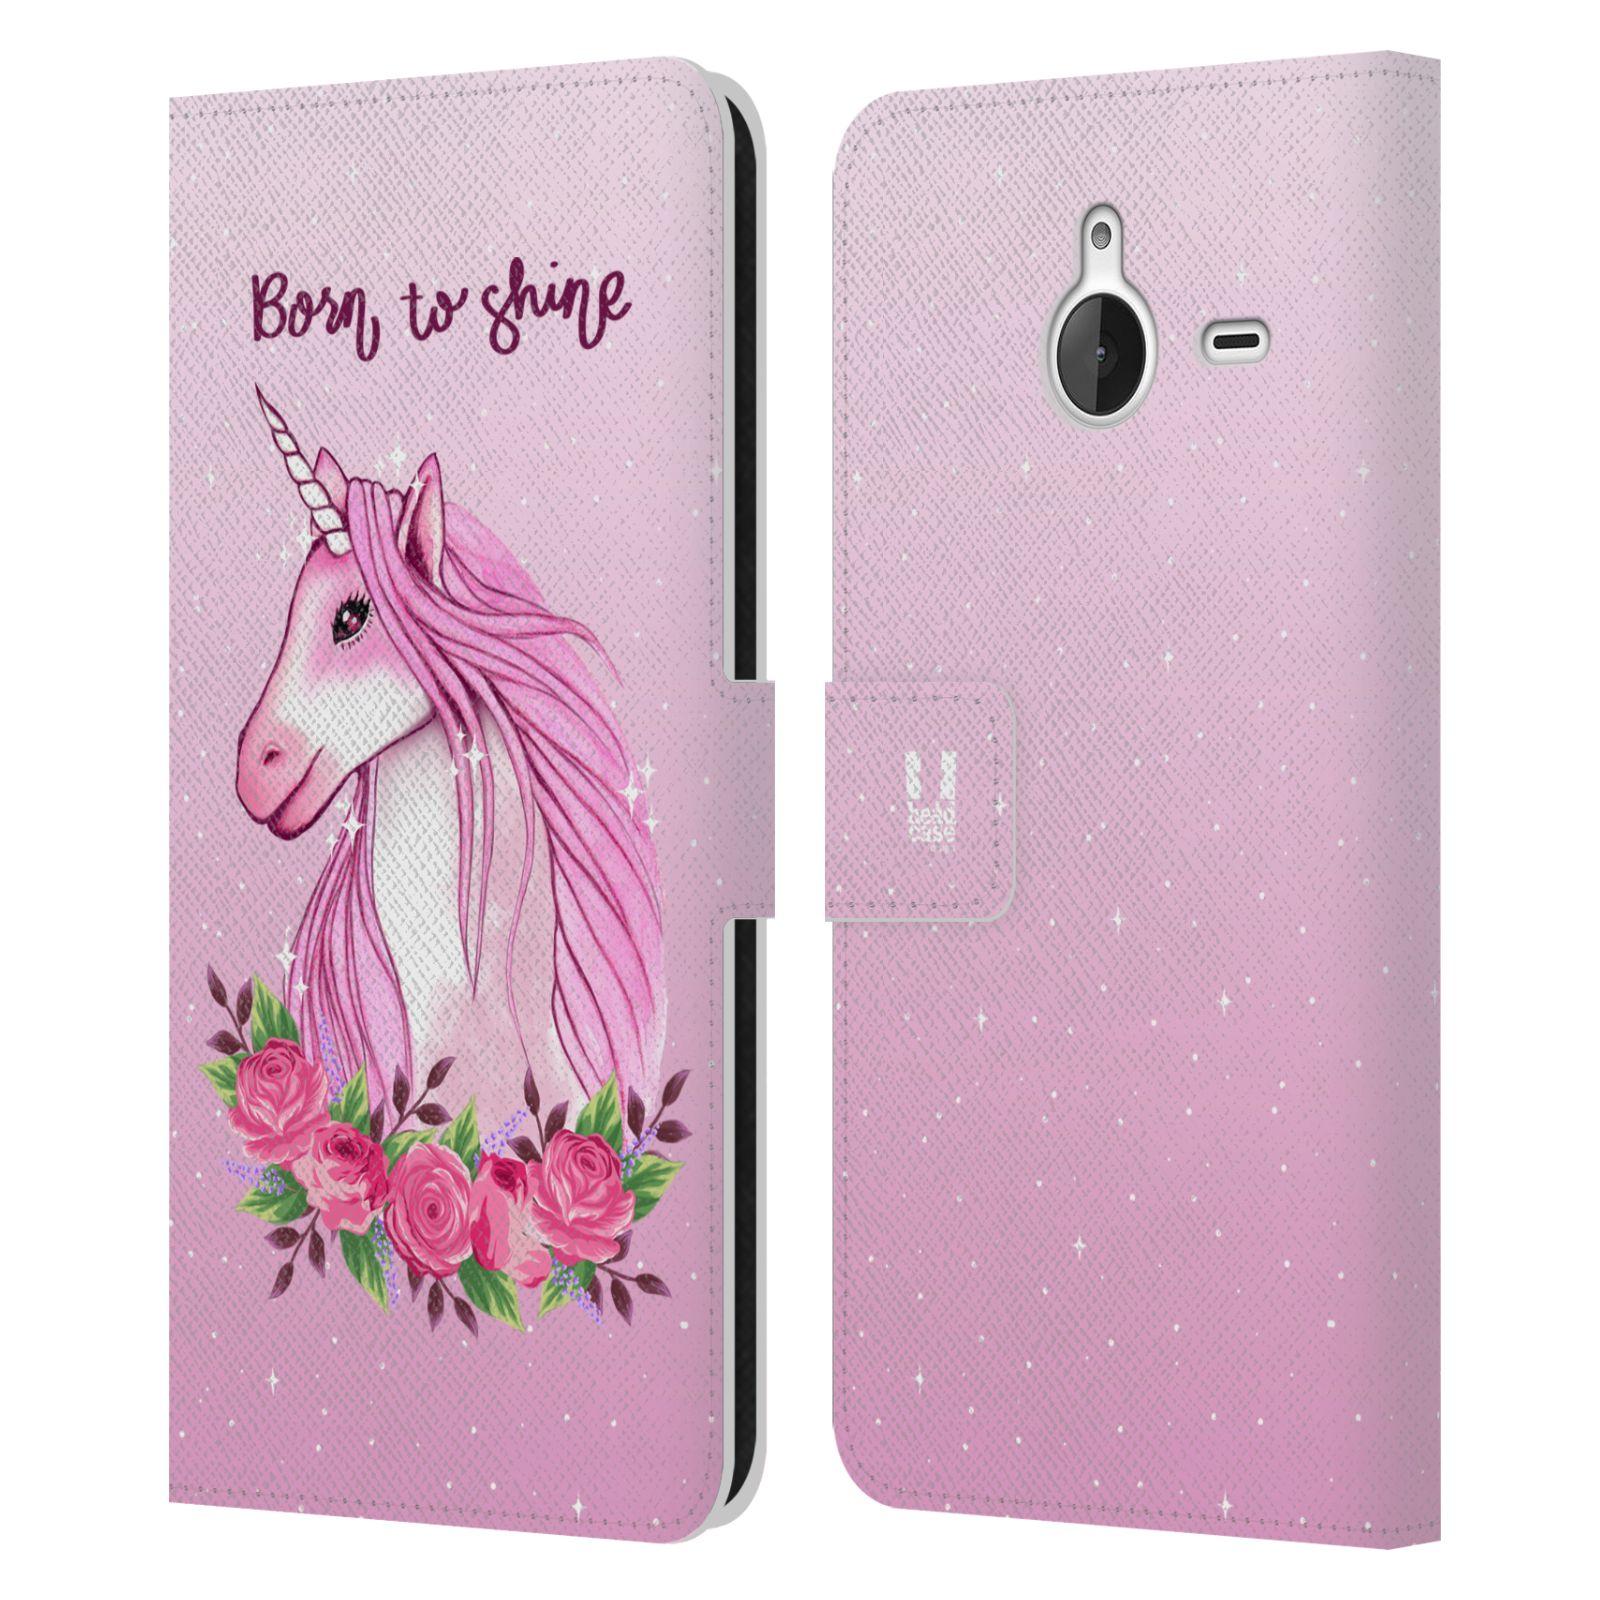 Pouzdro na mobil Nokia Lumia 640 XL - Head Case - Růžový jednorožec růže